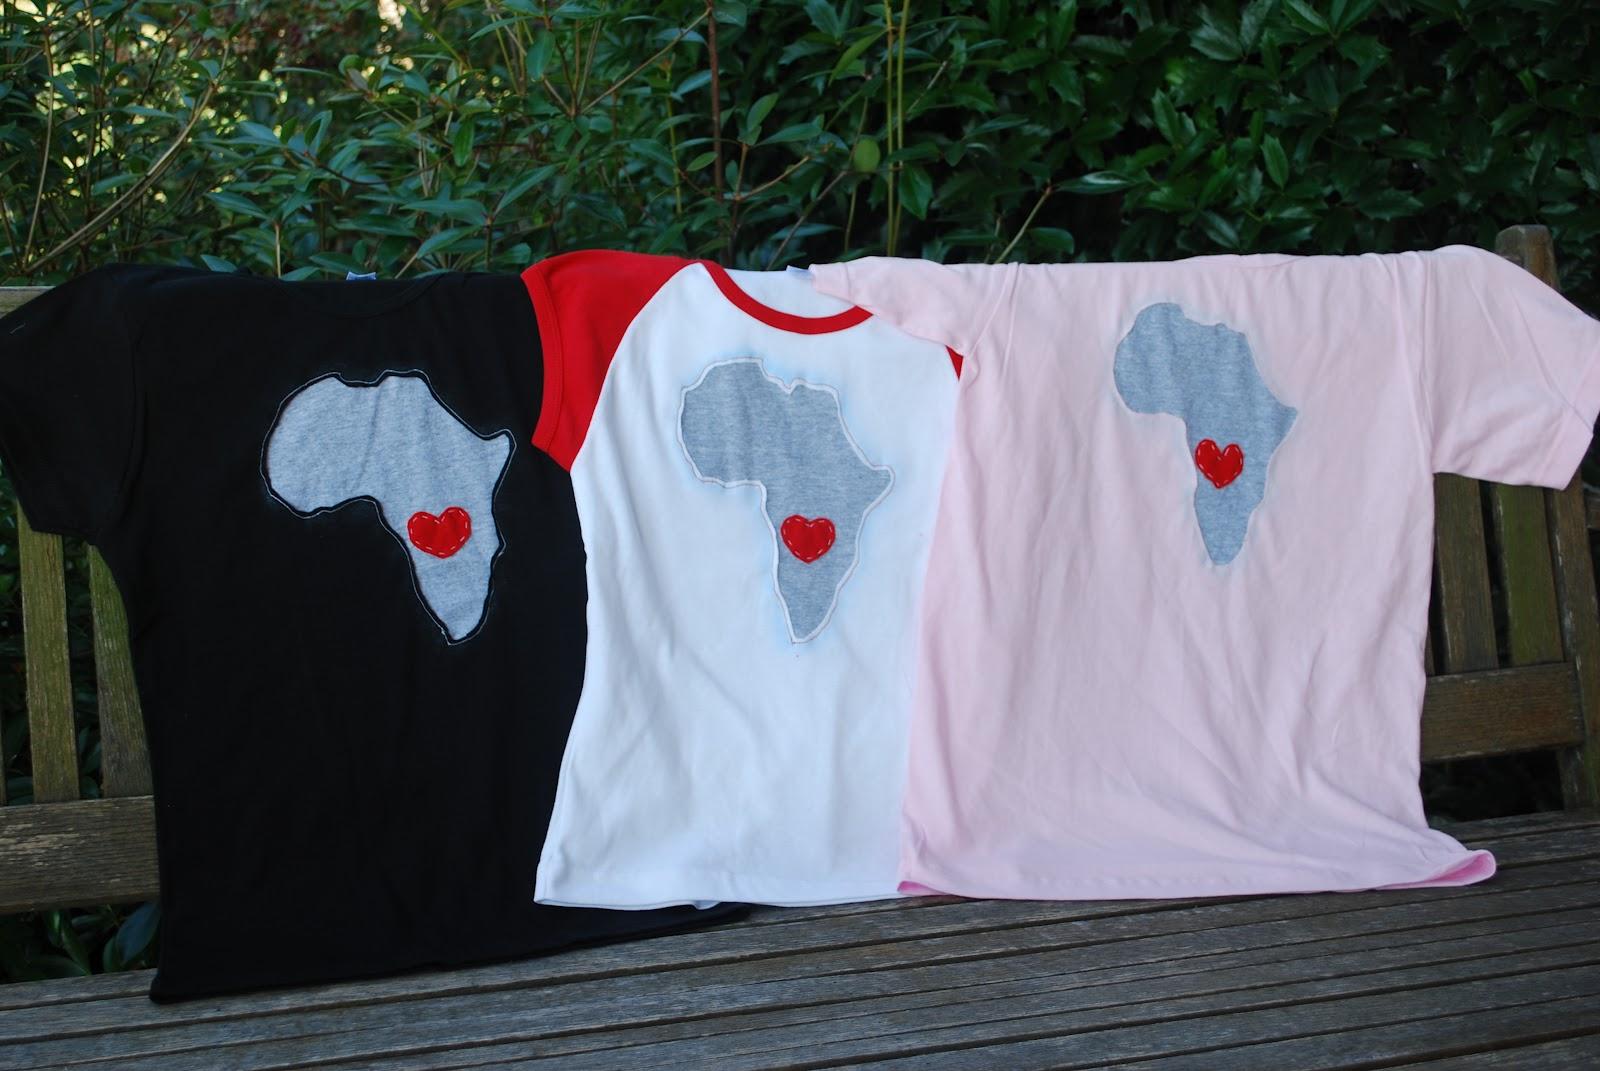 http://1.bp.blogspot.com/-YdCbOfkNTQw/UDGsU4Tf9GI/AAAAAAAAIBc/iOAgIB7Qwis/s1600/shirts+011.JPG